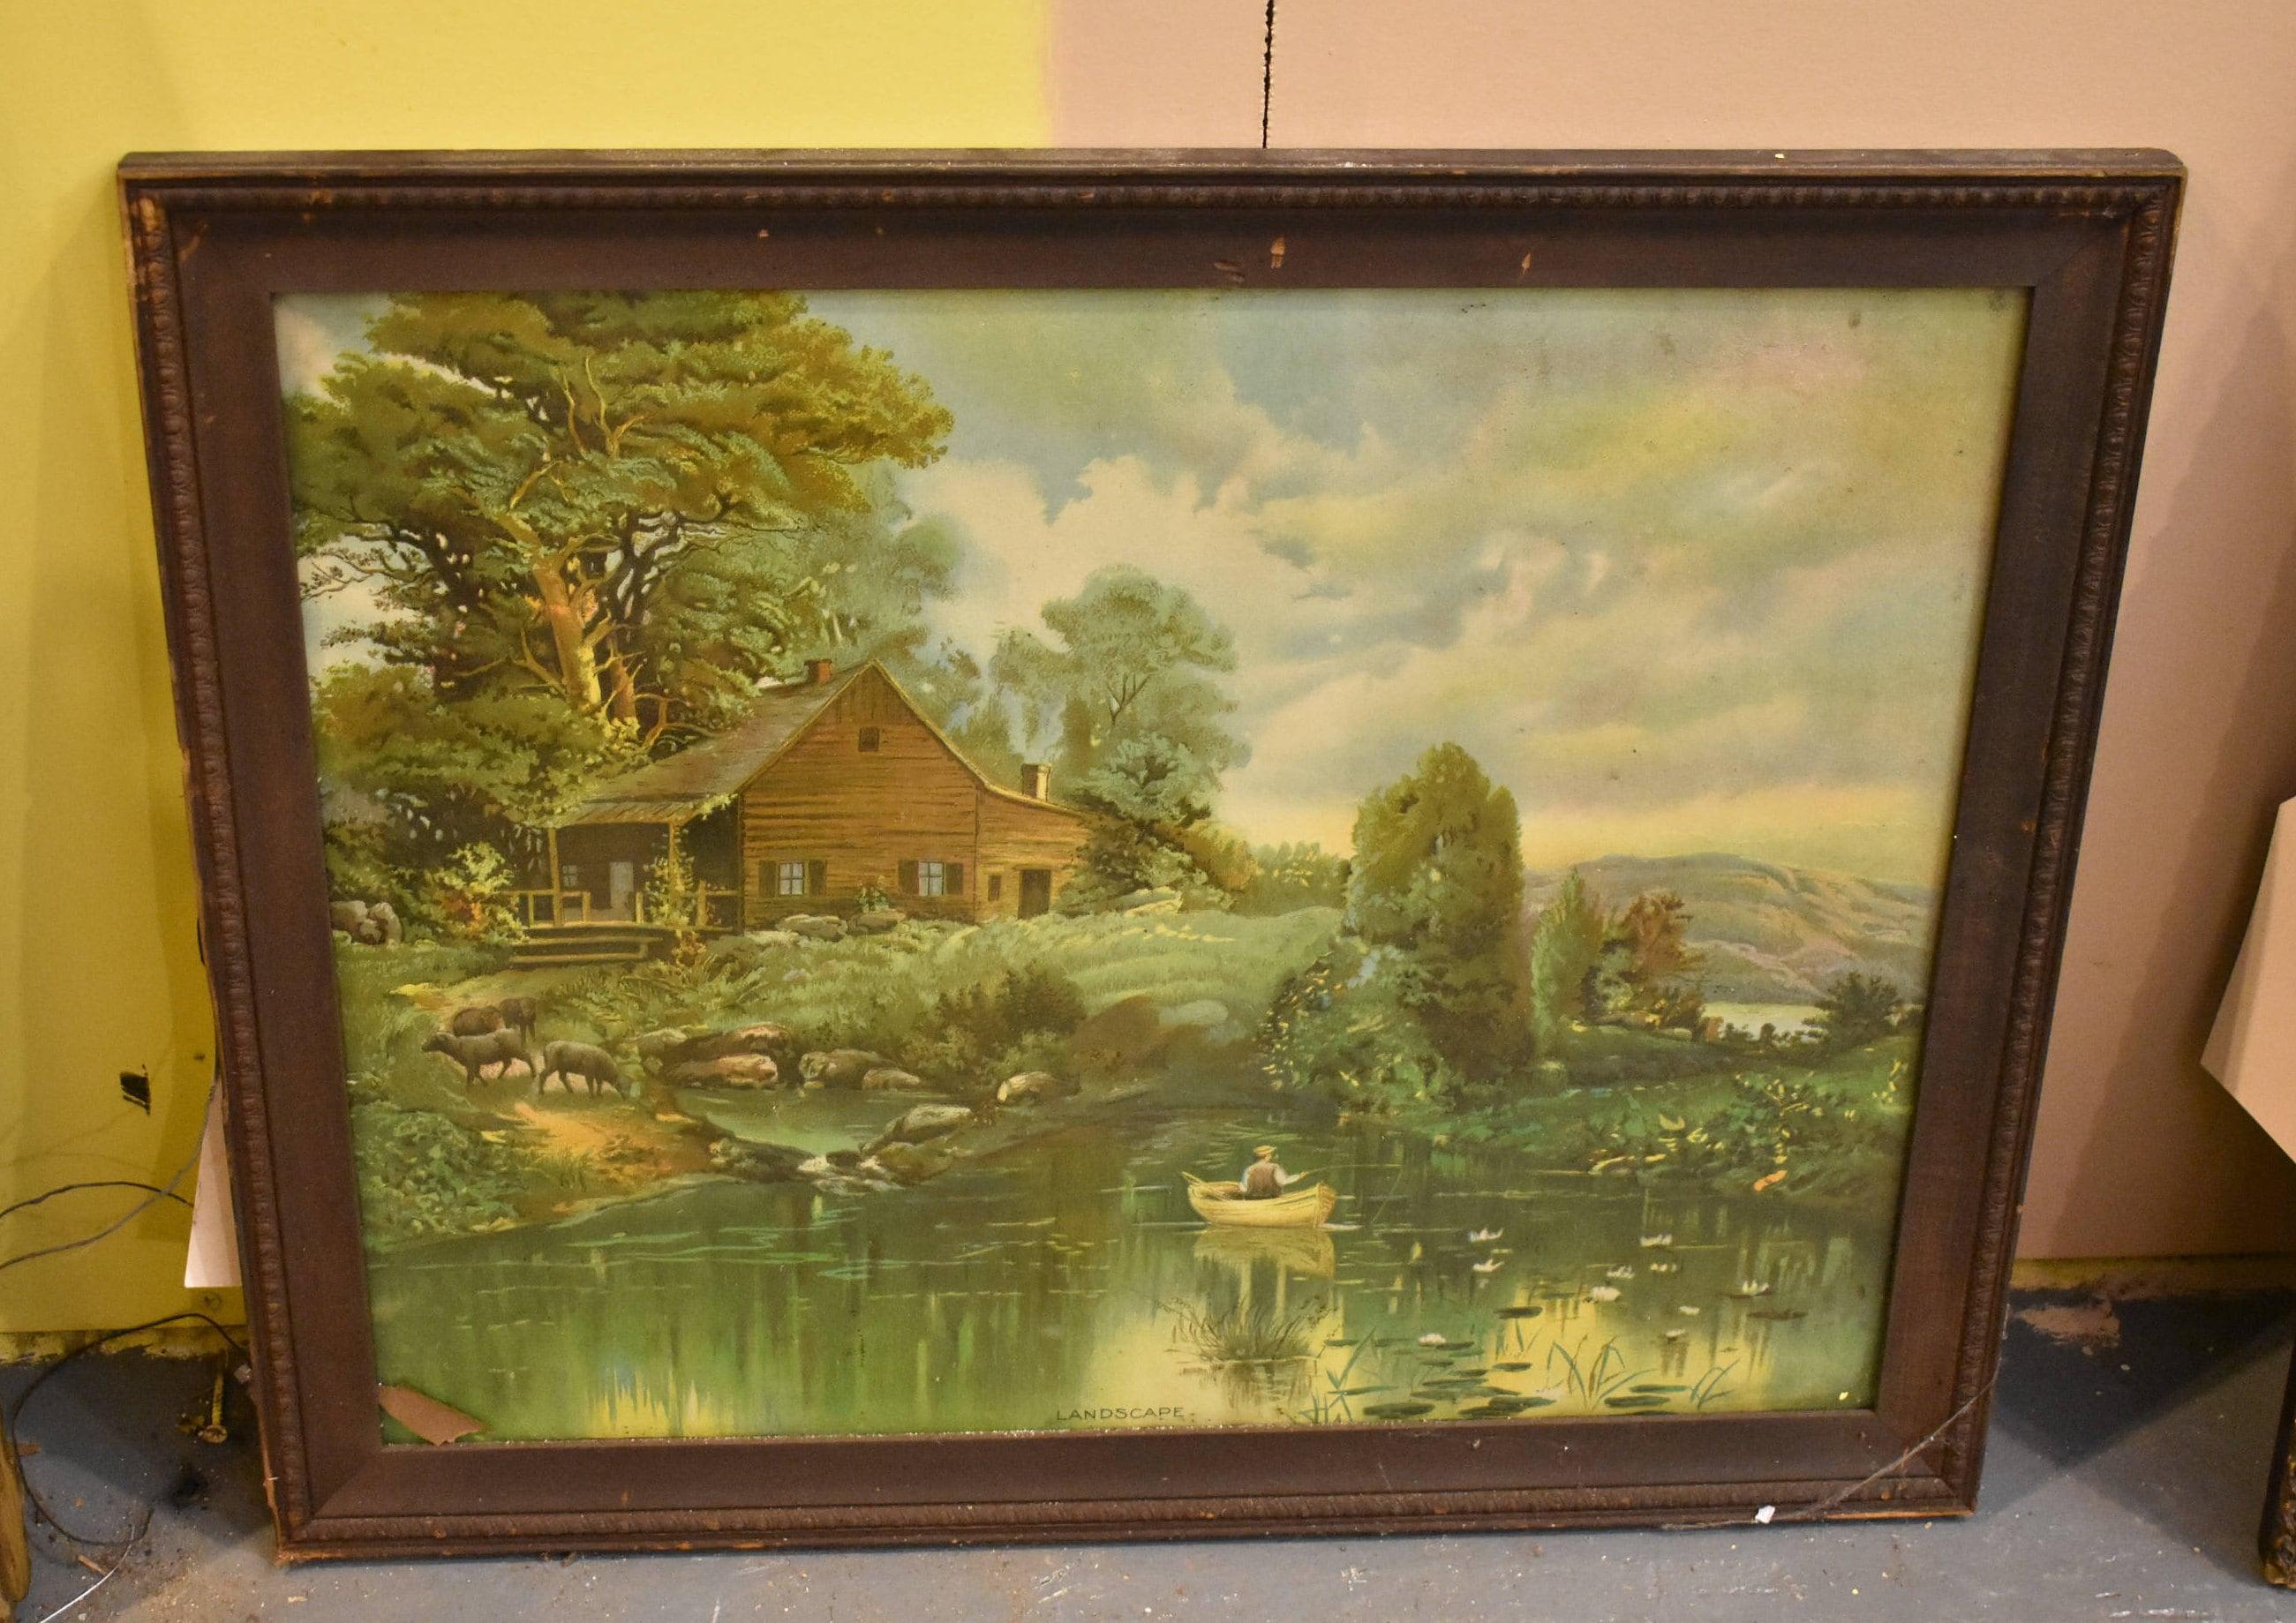 Antique Vintage Framed Wall Art Landscape Print Old Homestead